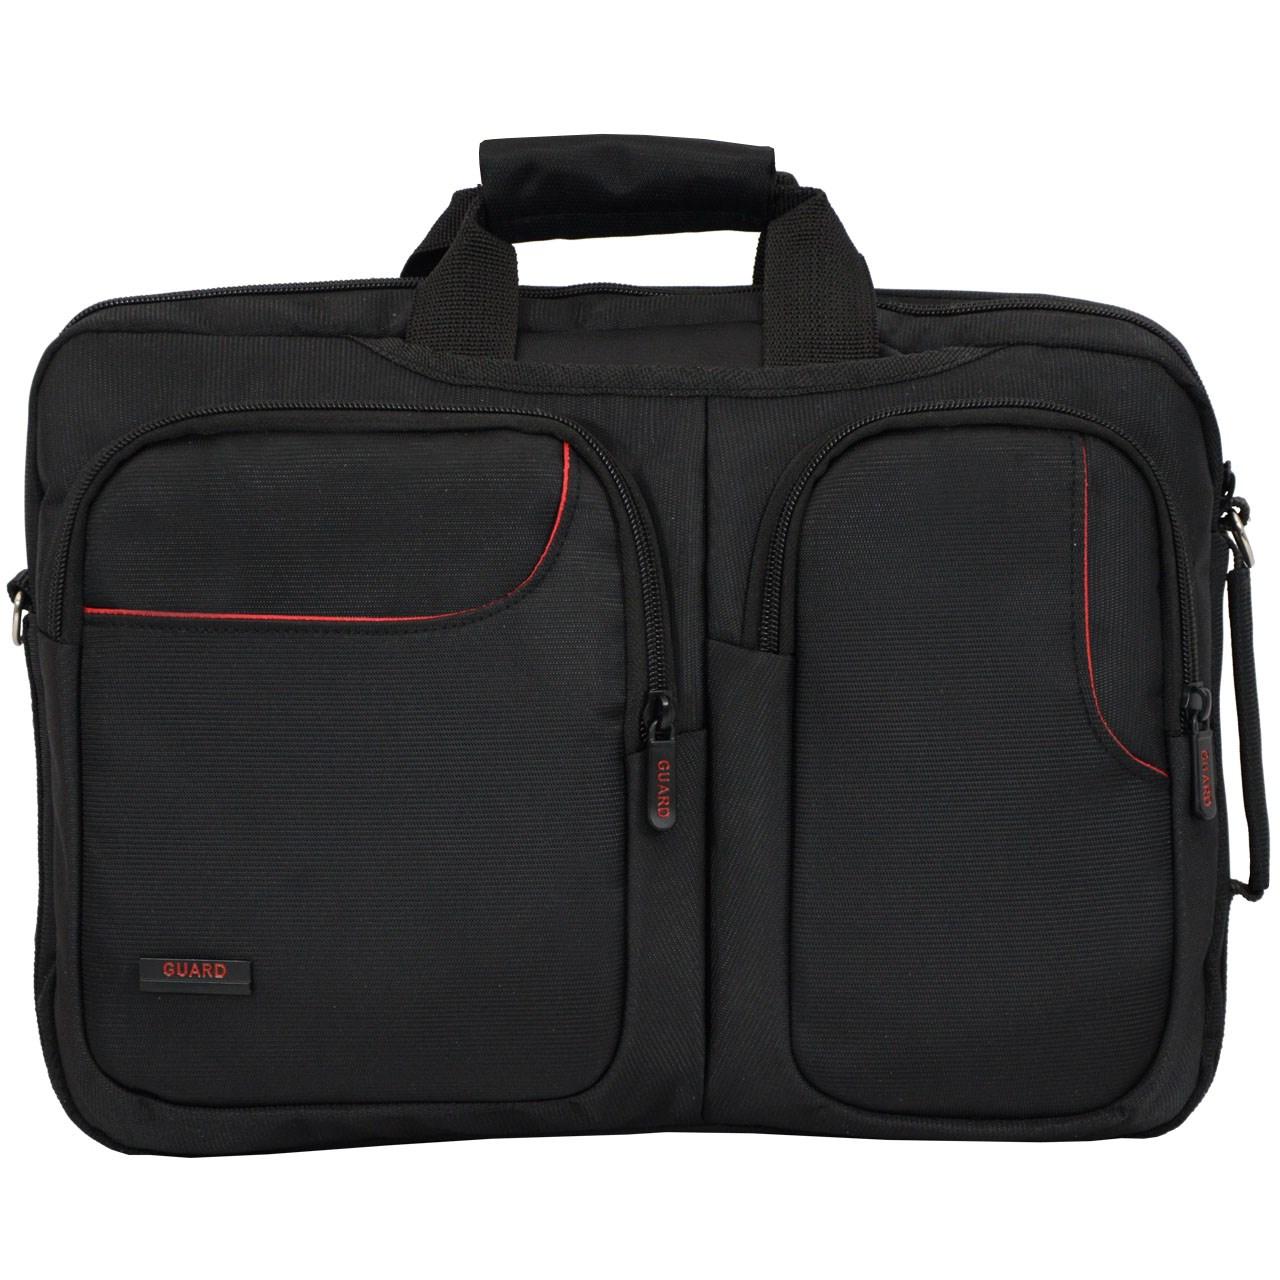 کیف لپ تاپ گارد مدل HP 352 BLK  مناسب برای لپ تاپ 15.6 اینچی